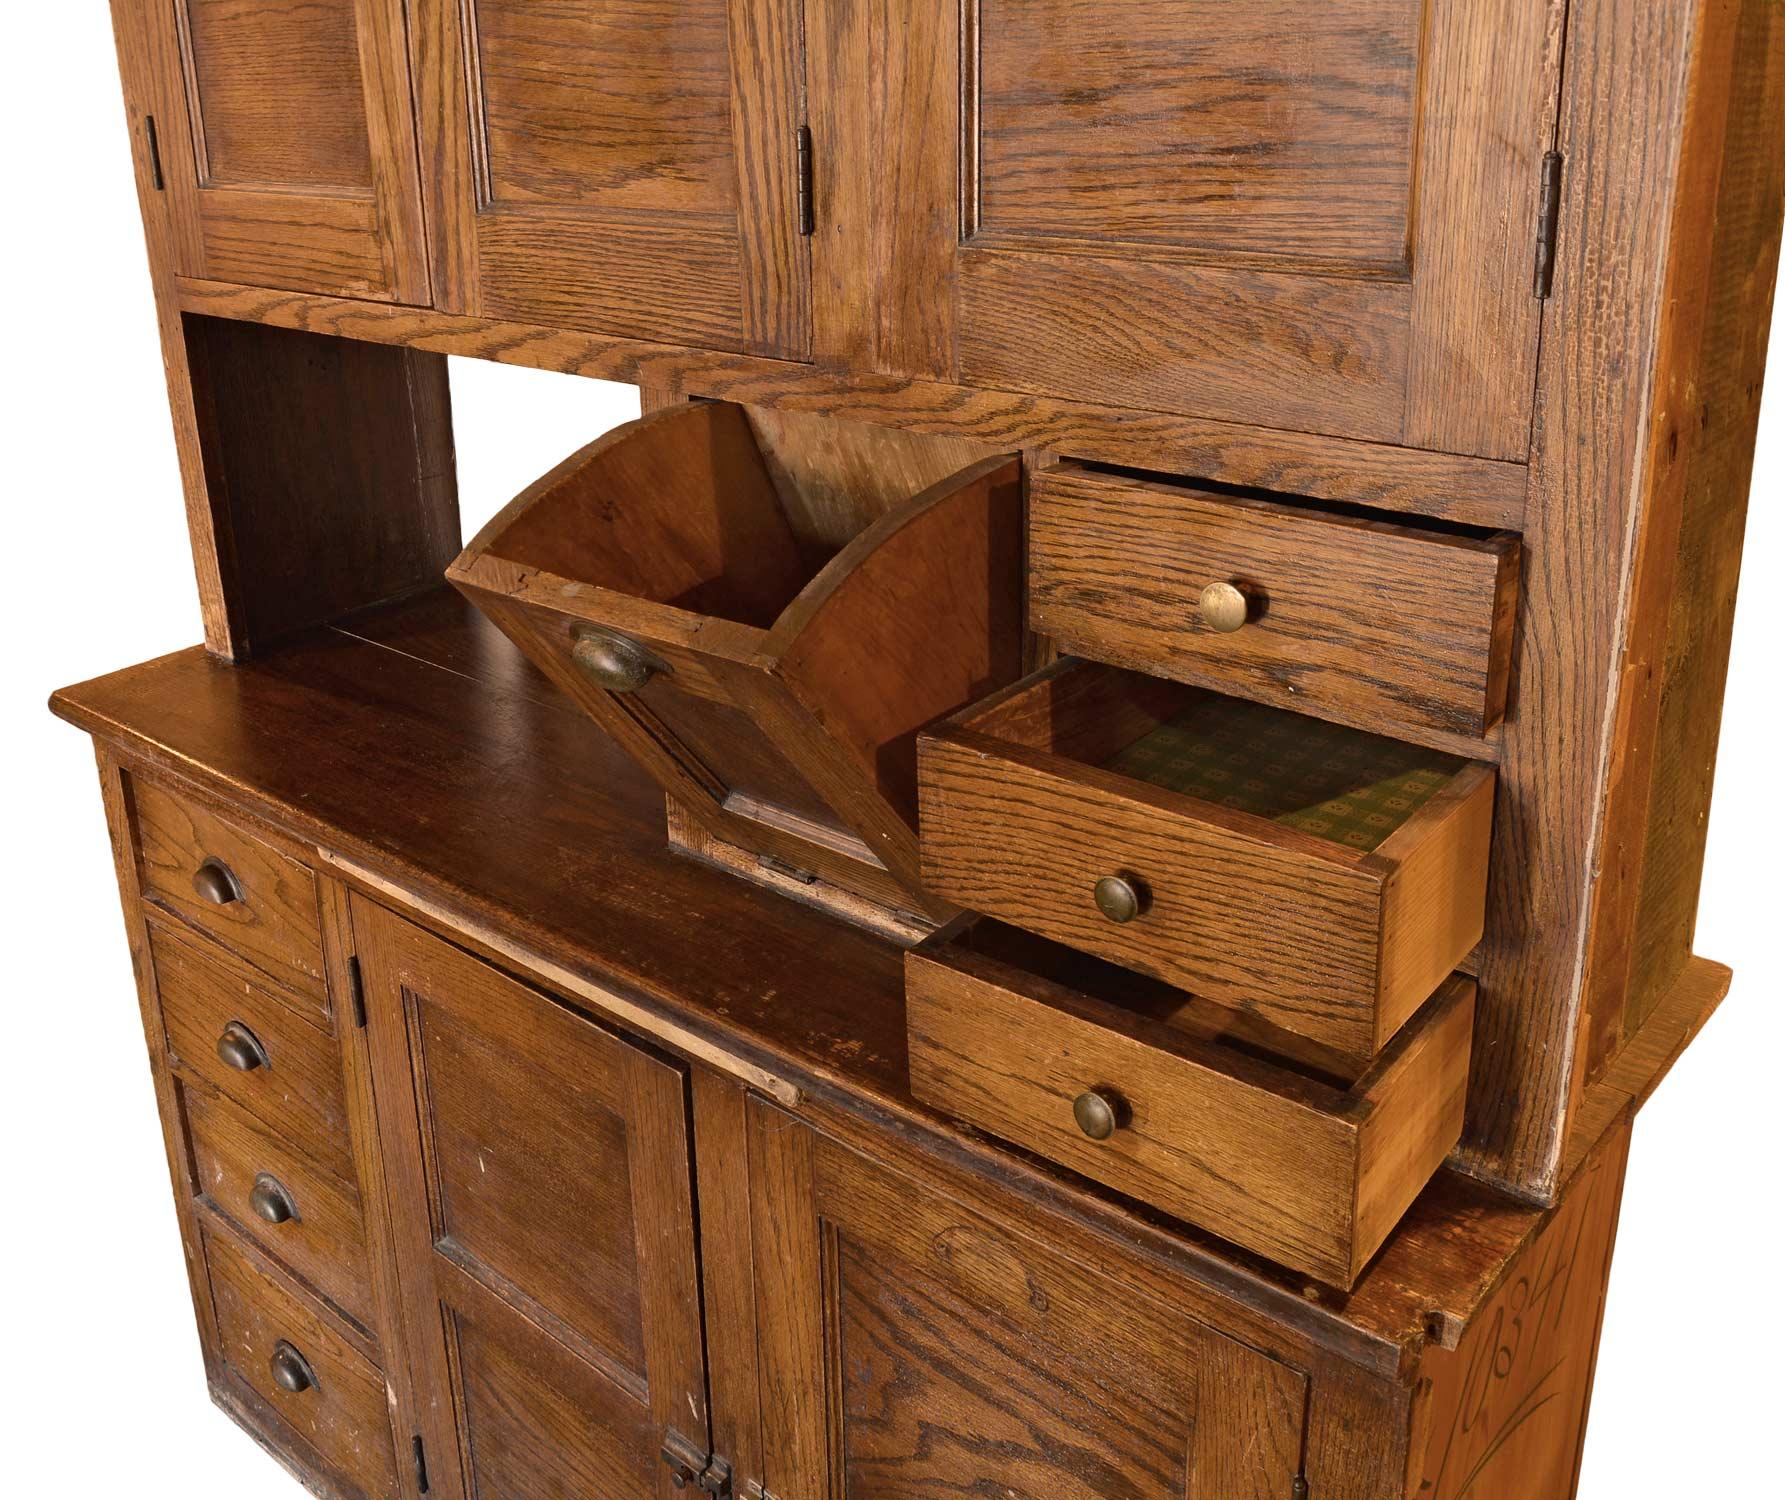 46039-oak-kitchen-cabinet-drawers.jpg